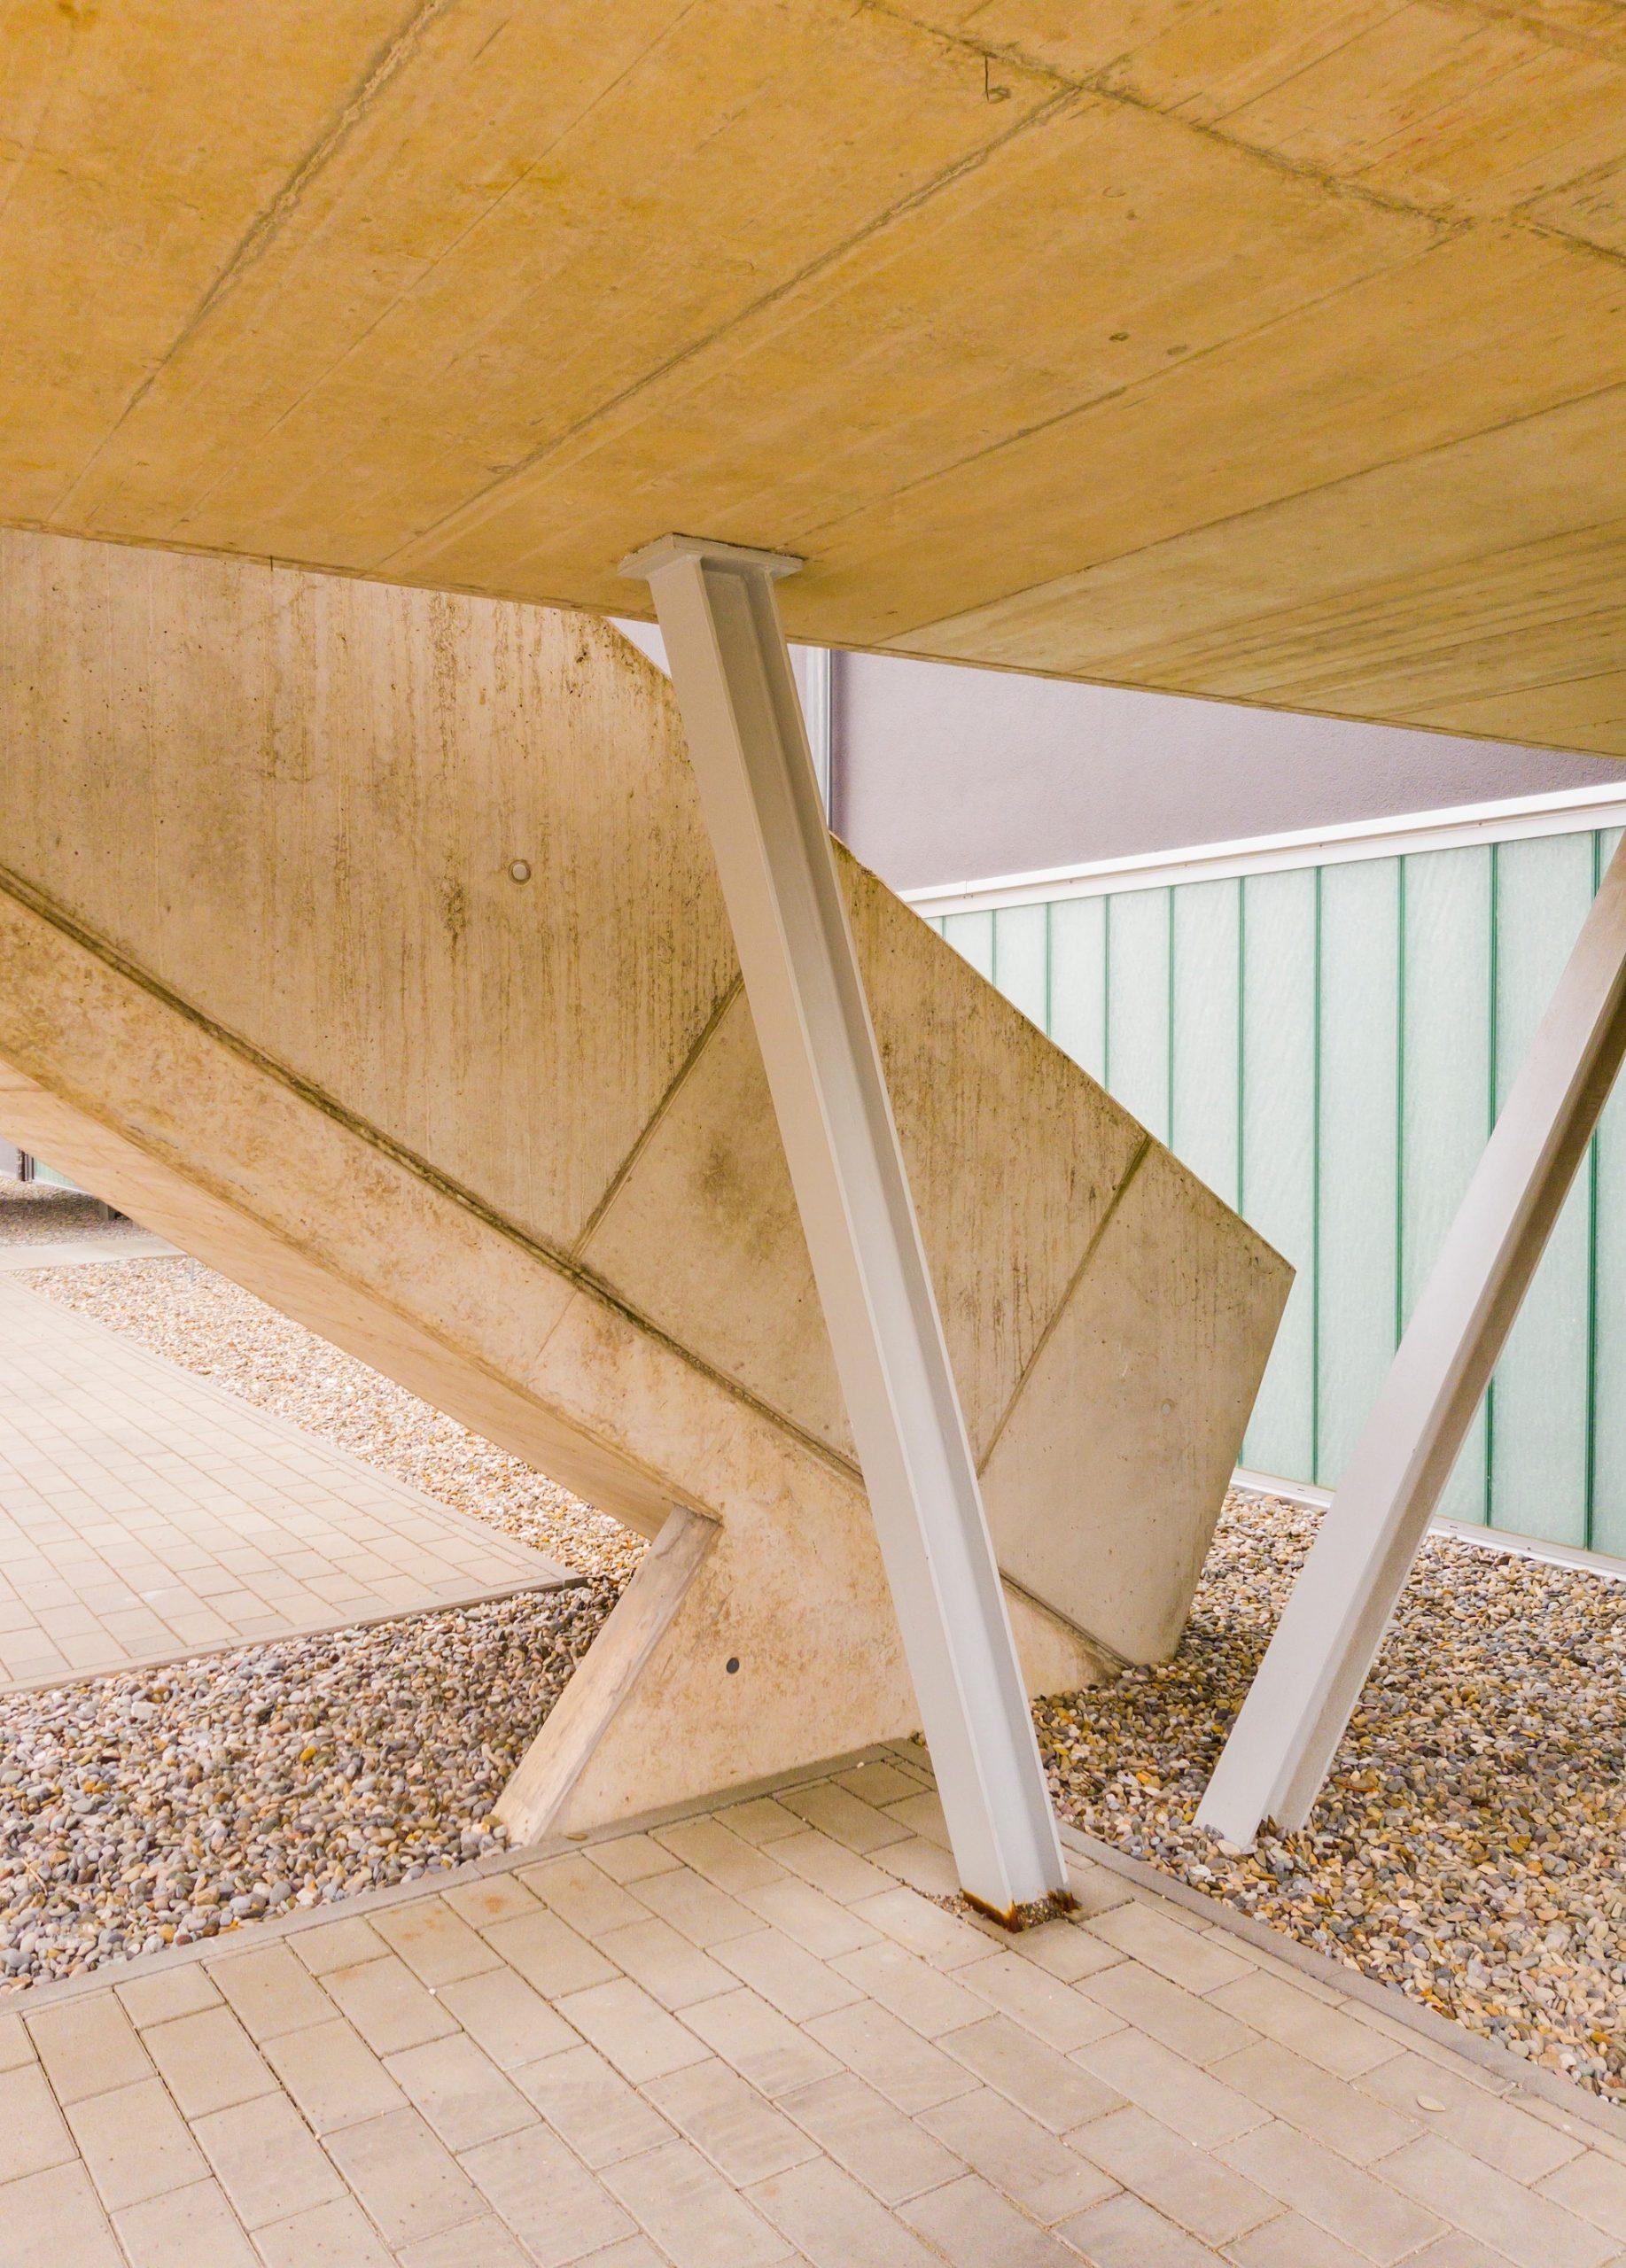 Drewno konstrukcyjne - wszystko, co trzeba wiedzieć, by wybrać to właściwe